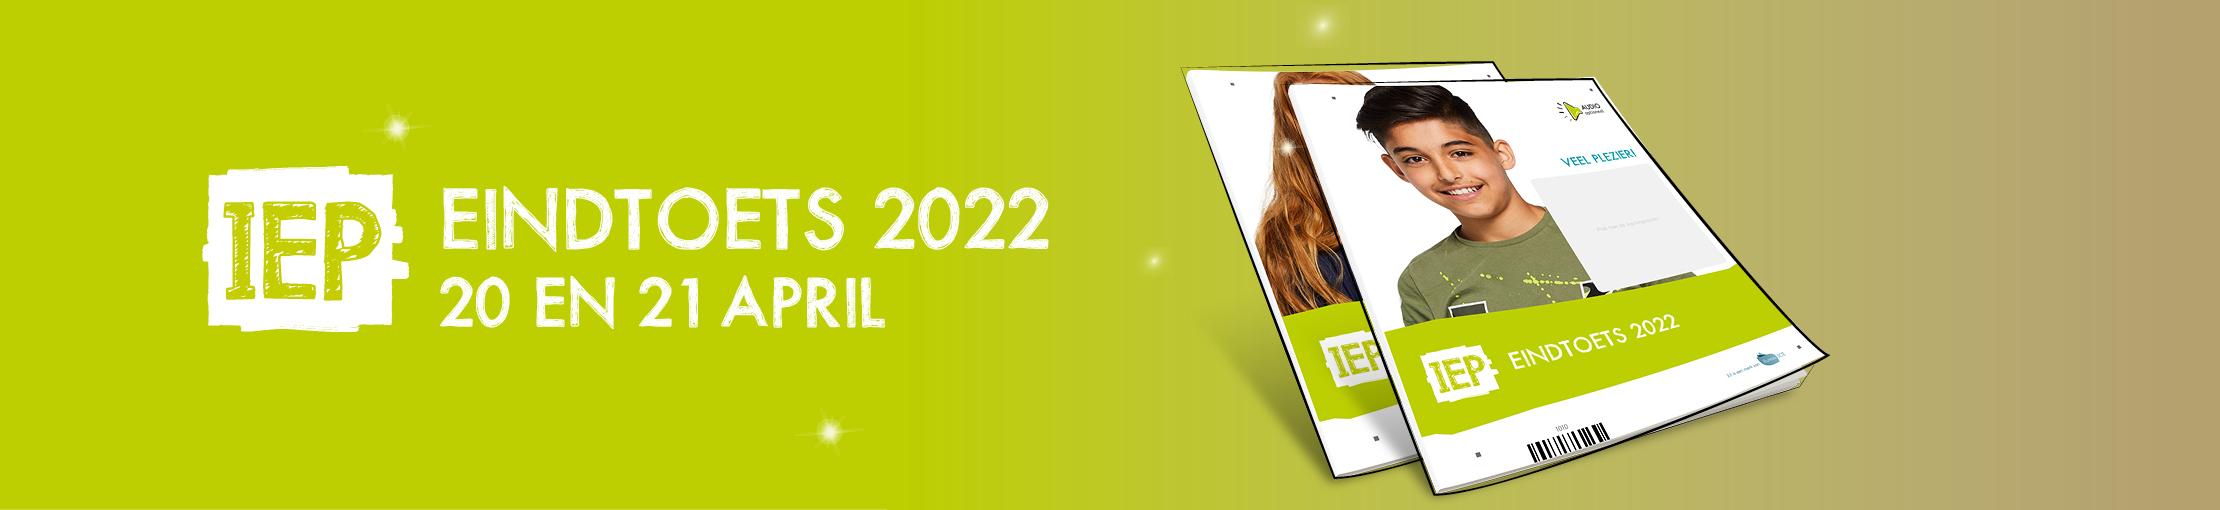 IEP Eindtoets 2021 Banner Website Algemeen